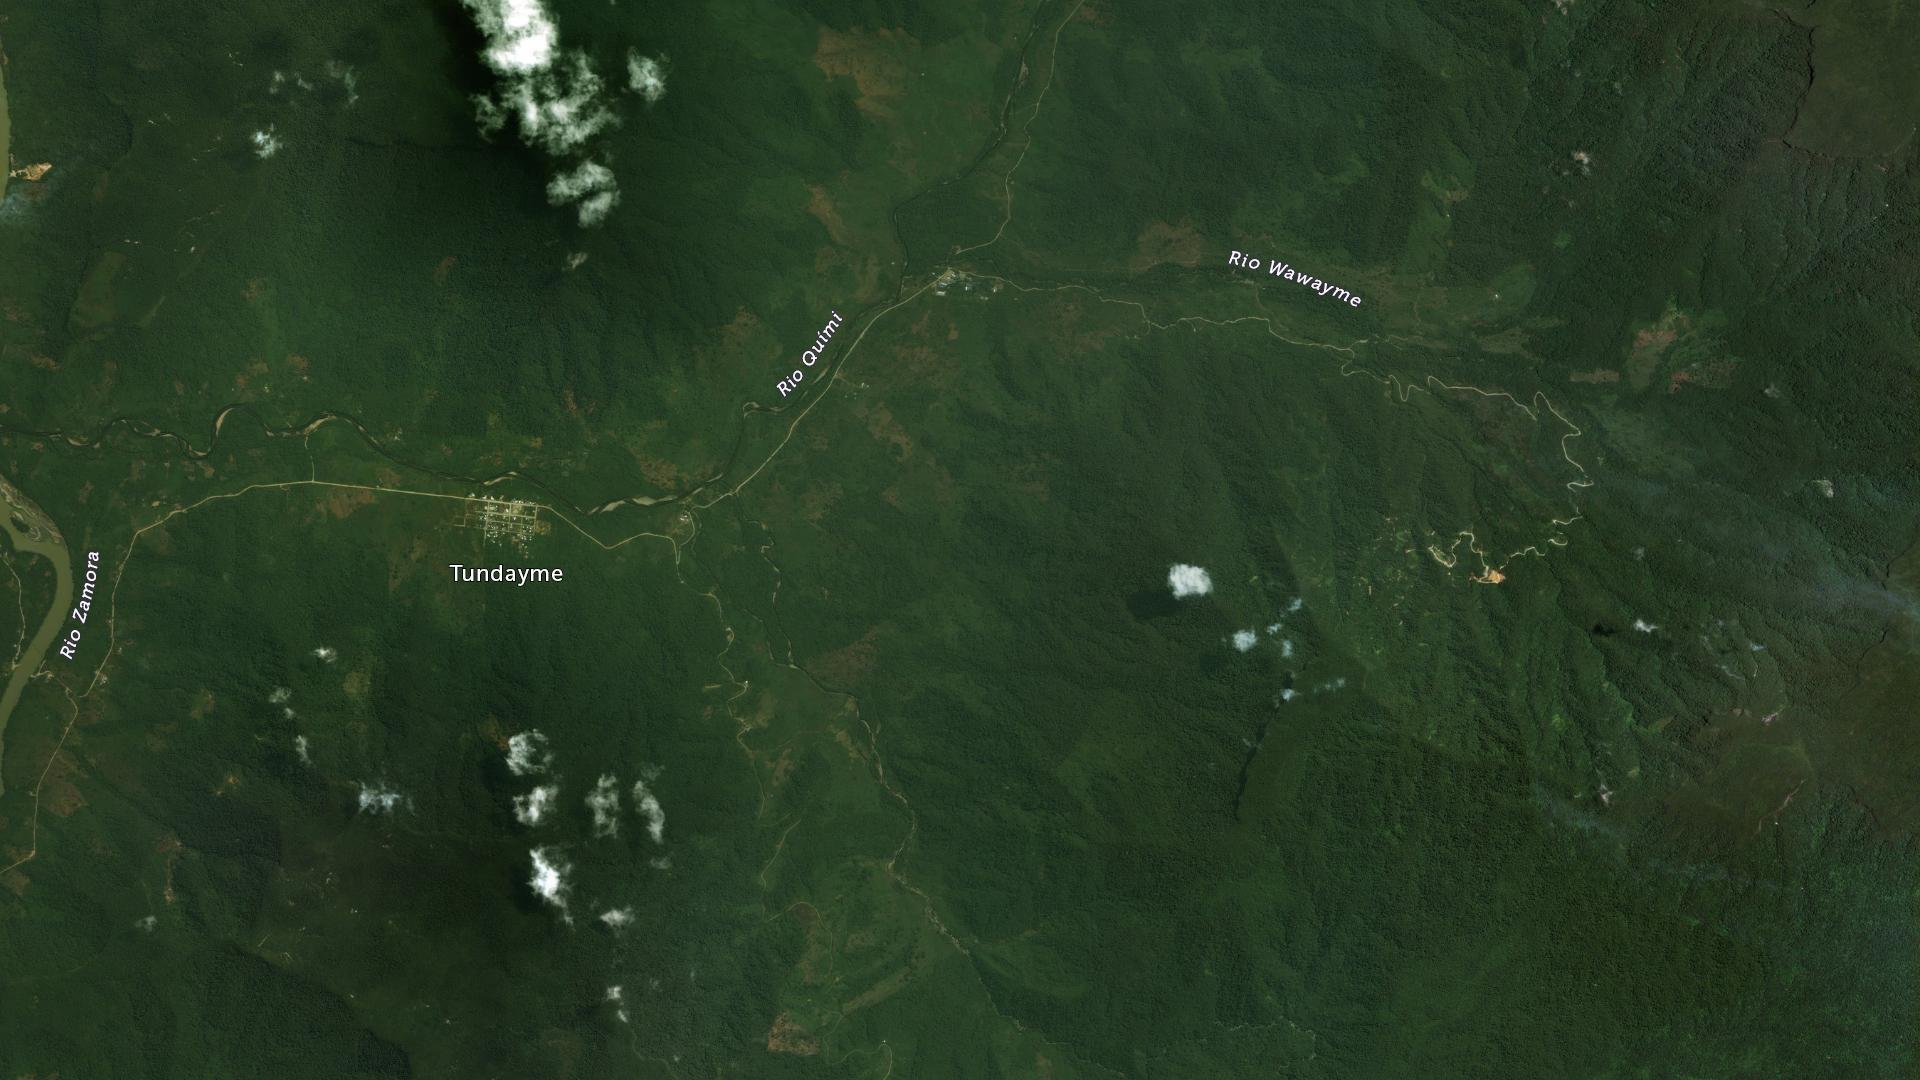 Esta imagen del año 2010 muestra el área de proyecto Mirador antes de los inicios de la construcción de la mina. Foto de DigitalGlobe compartida por cortesía de ACA_ACT